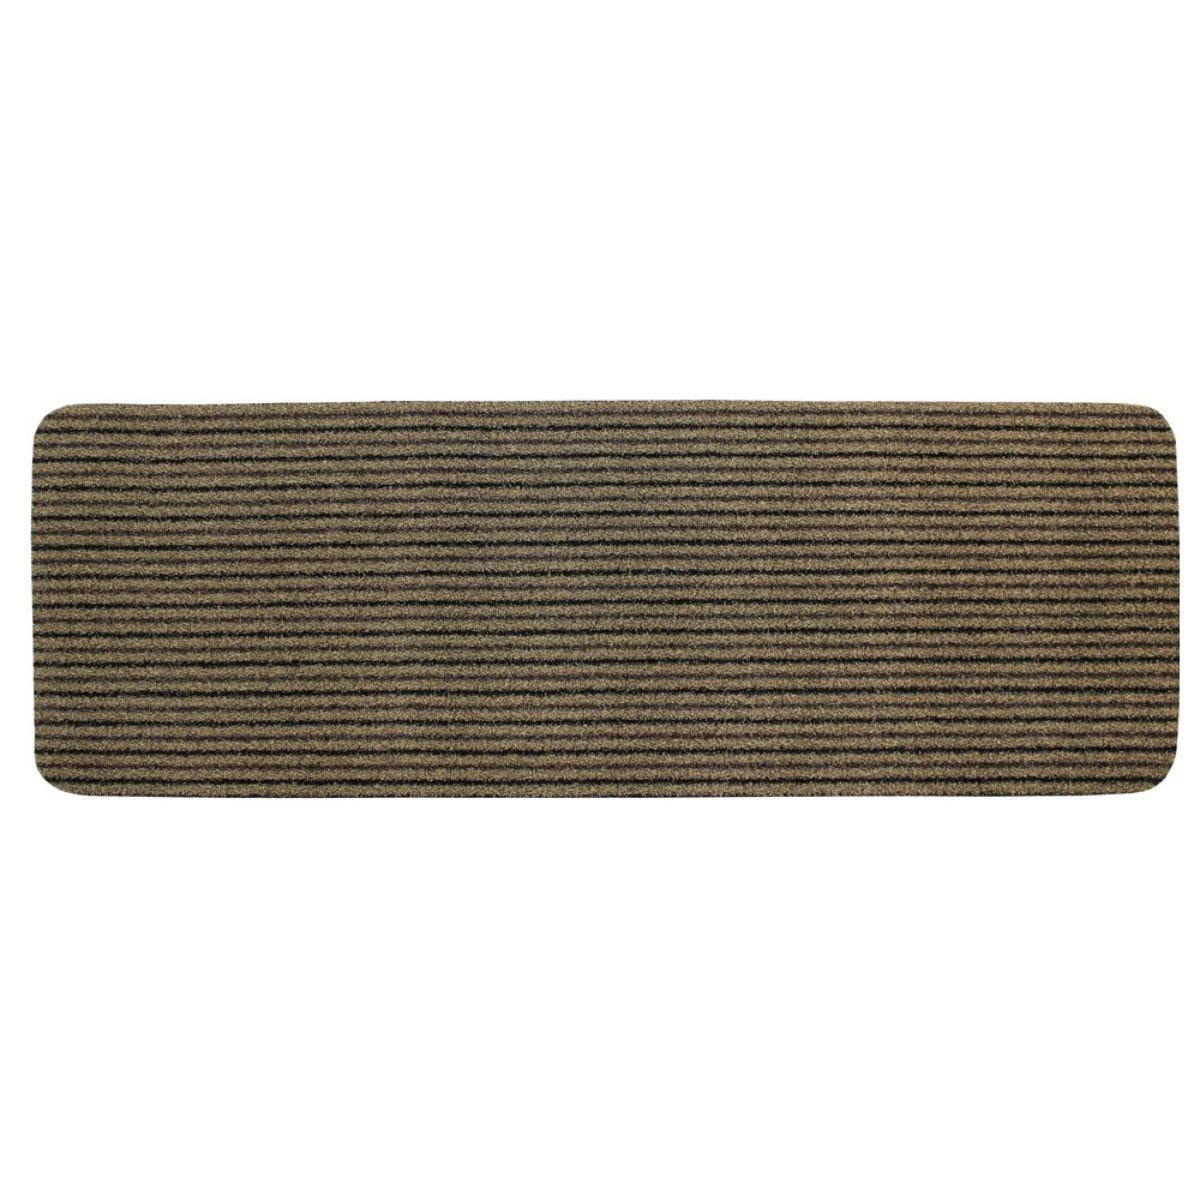 JVL Infinity Heavy Duty 50x150cm Doormat - Beige